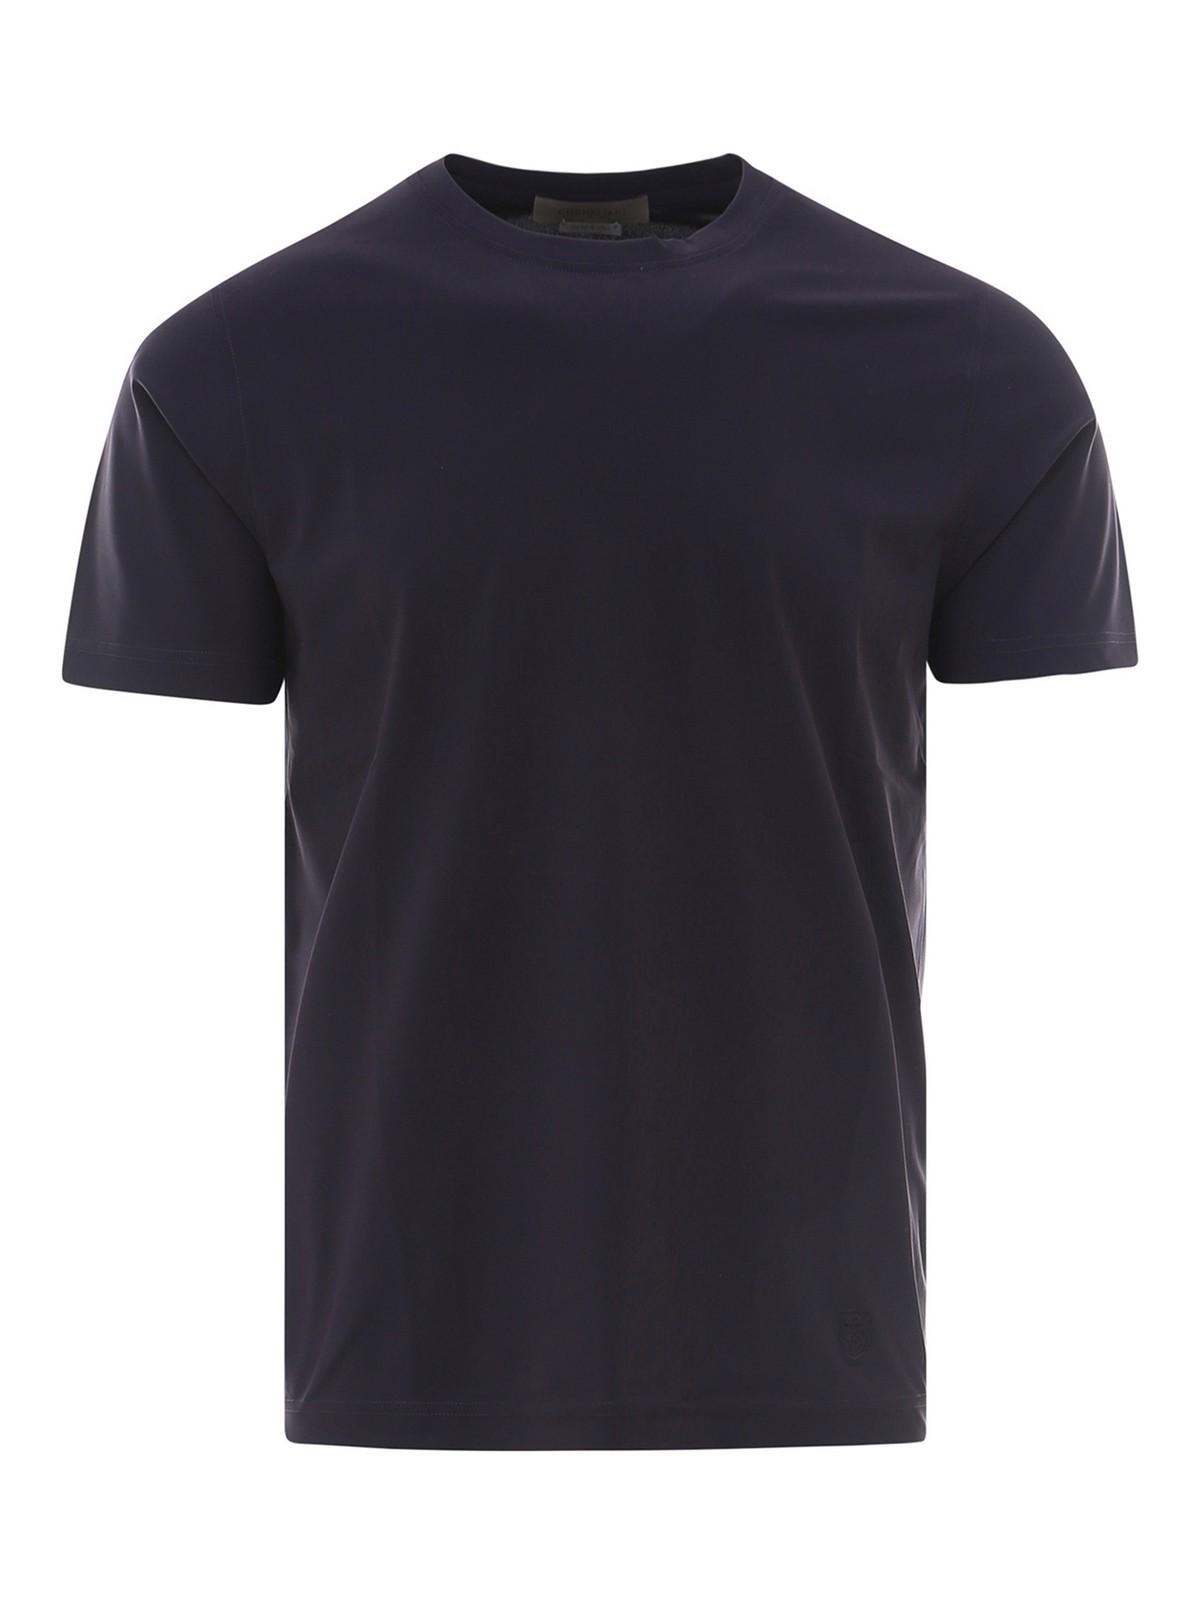 Corneliani T-shirts TECHNICAL T-SHIRT